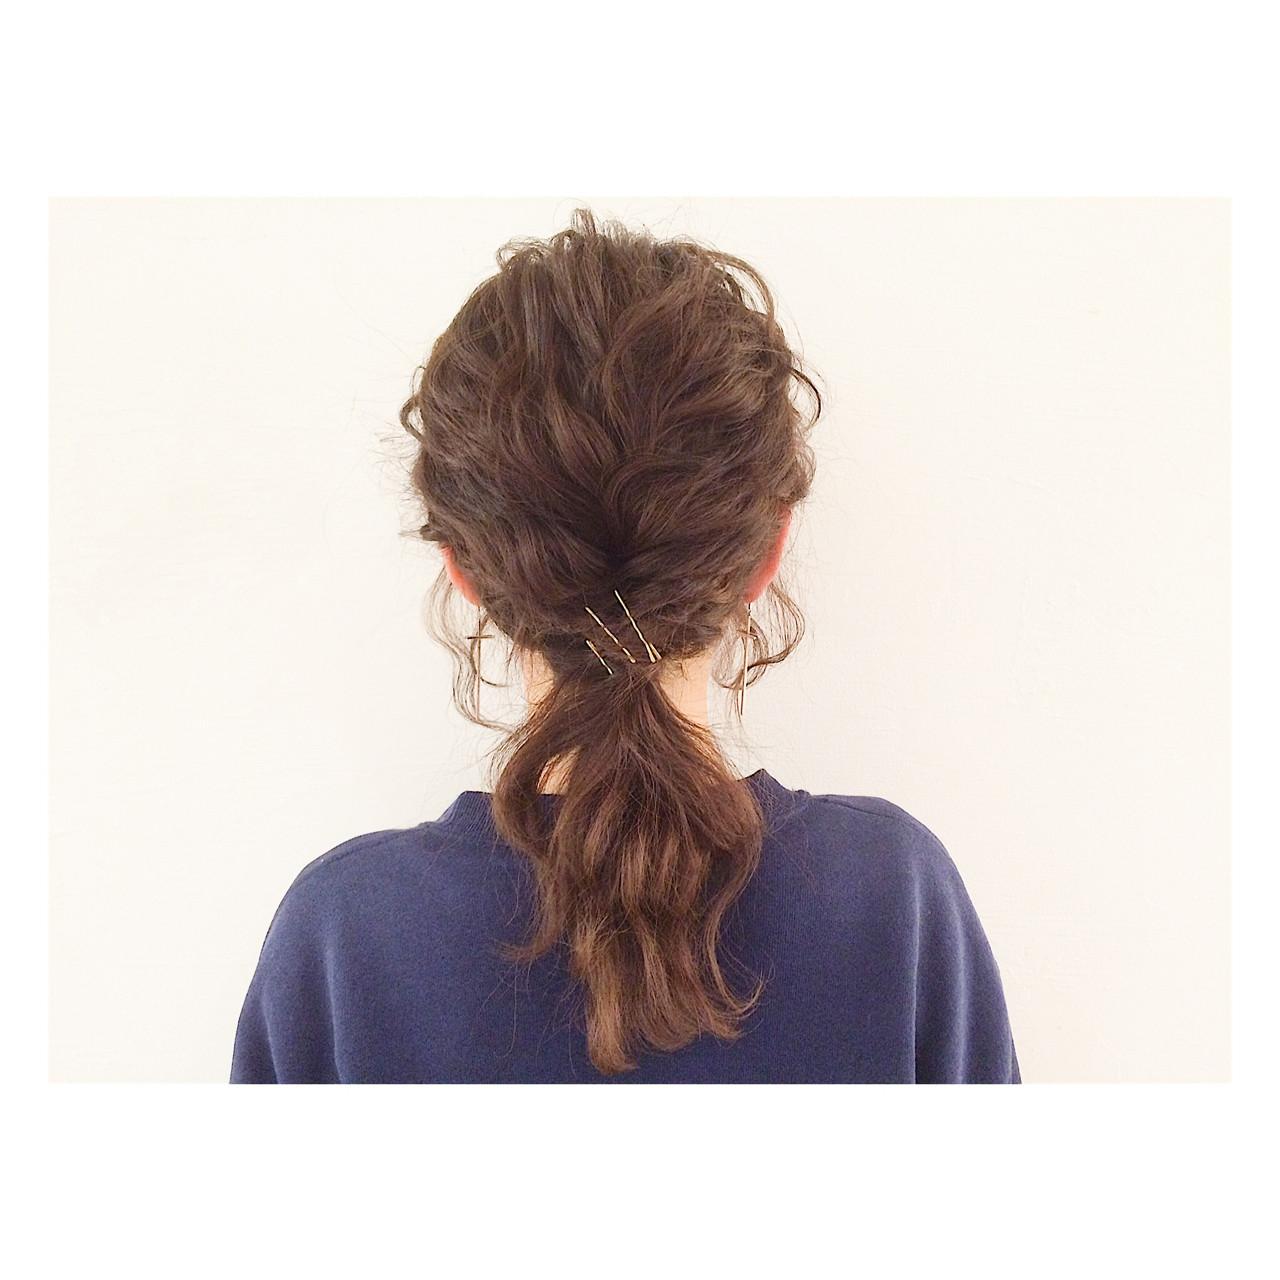 ショート ストリート ヘアアレンジ 簡単ヘアアレンジ ヘアスタイルや髪型の写真・画像 | 津村正和/大阪心斎橋 / freelance